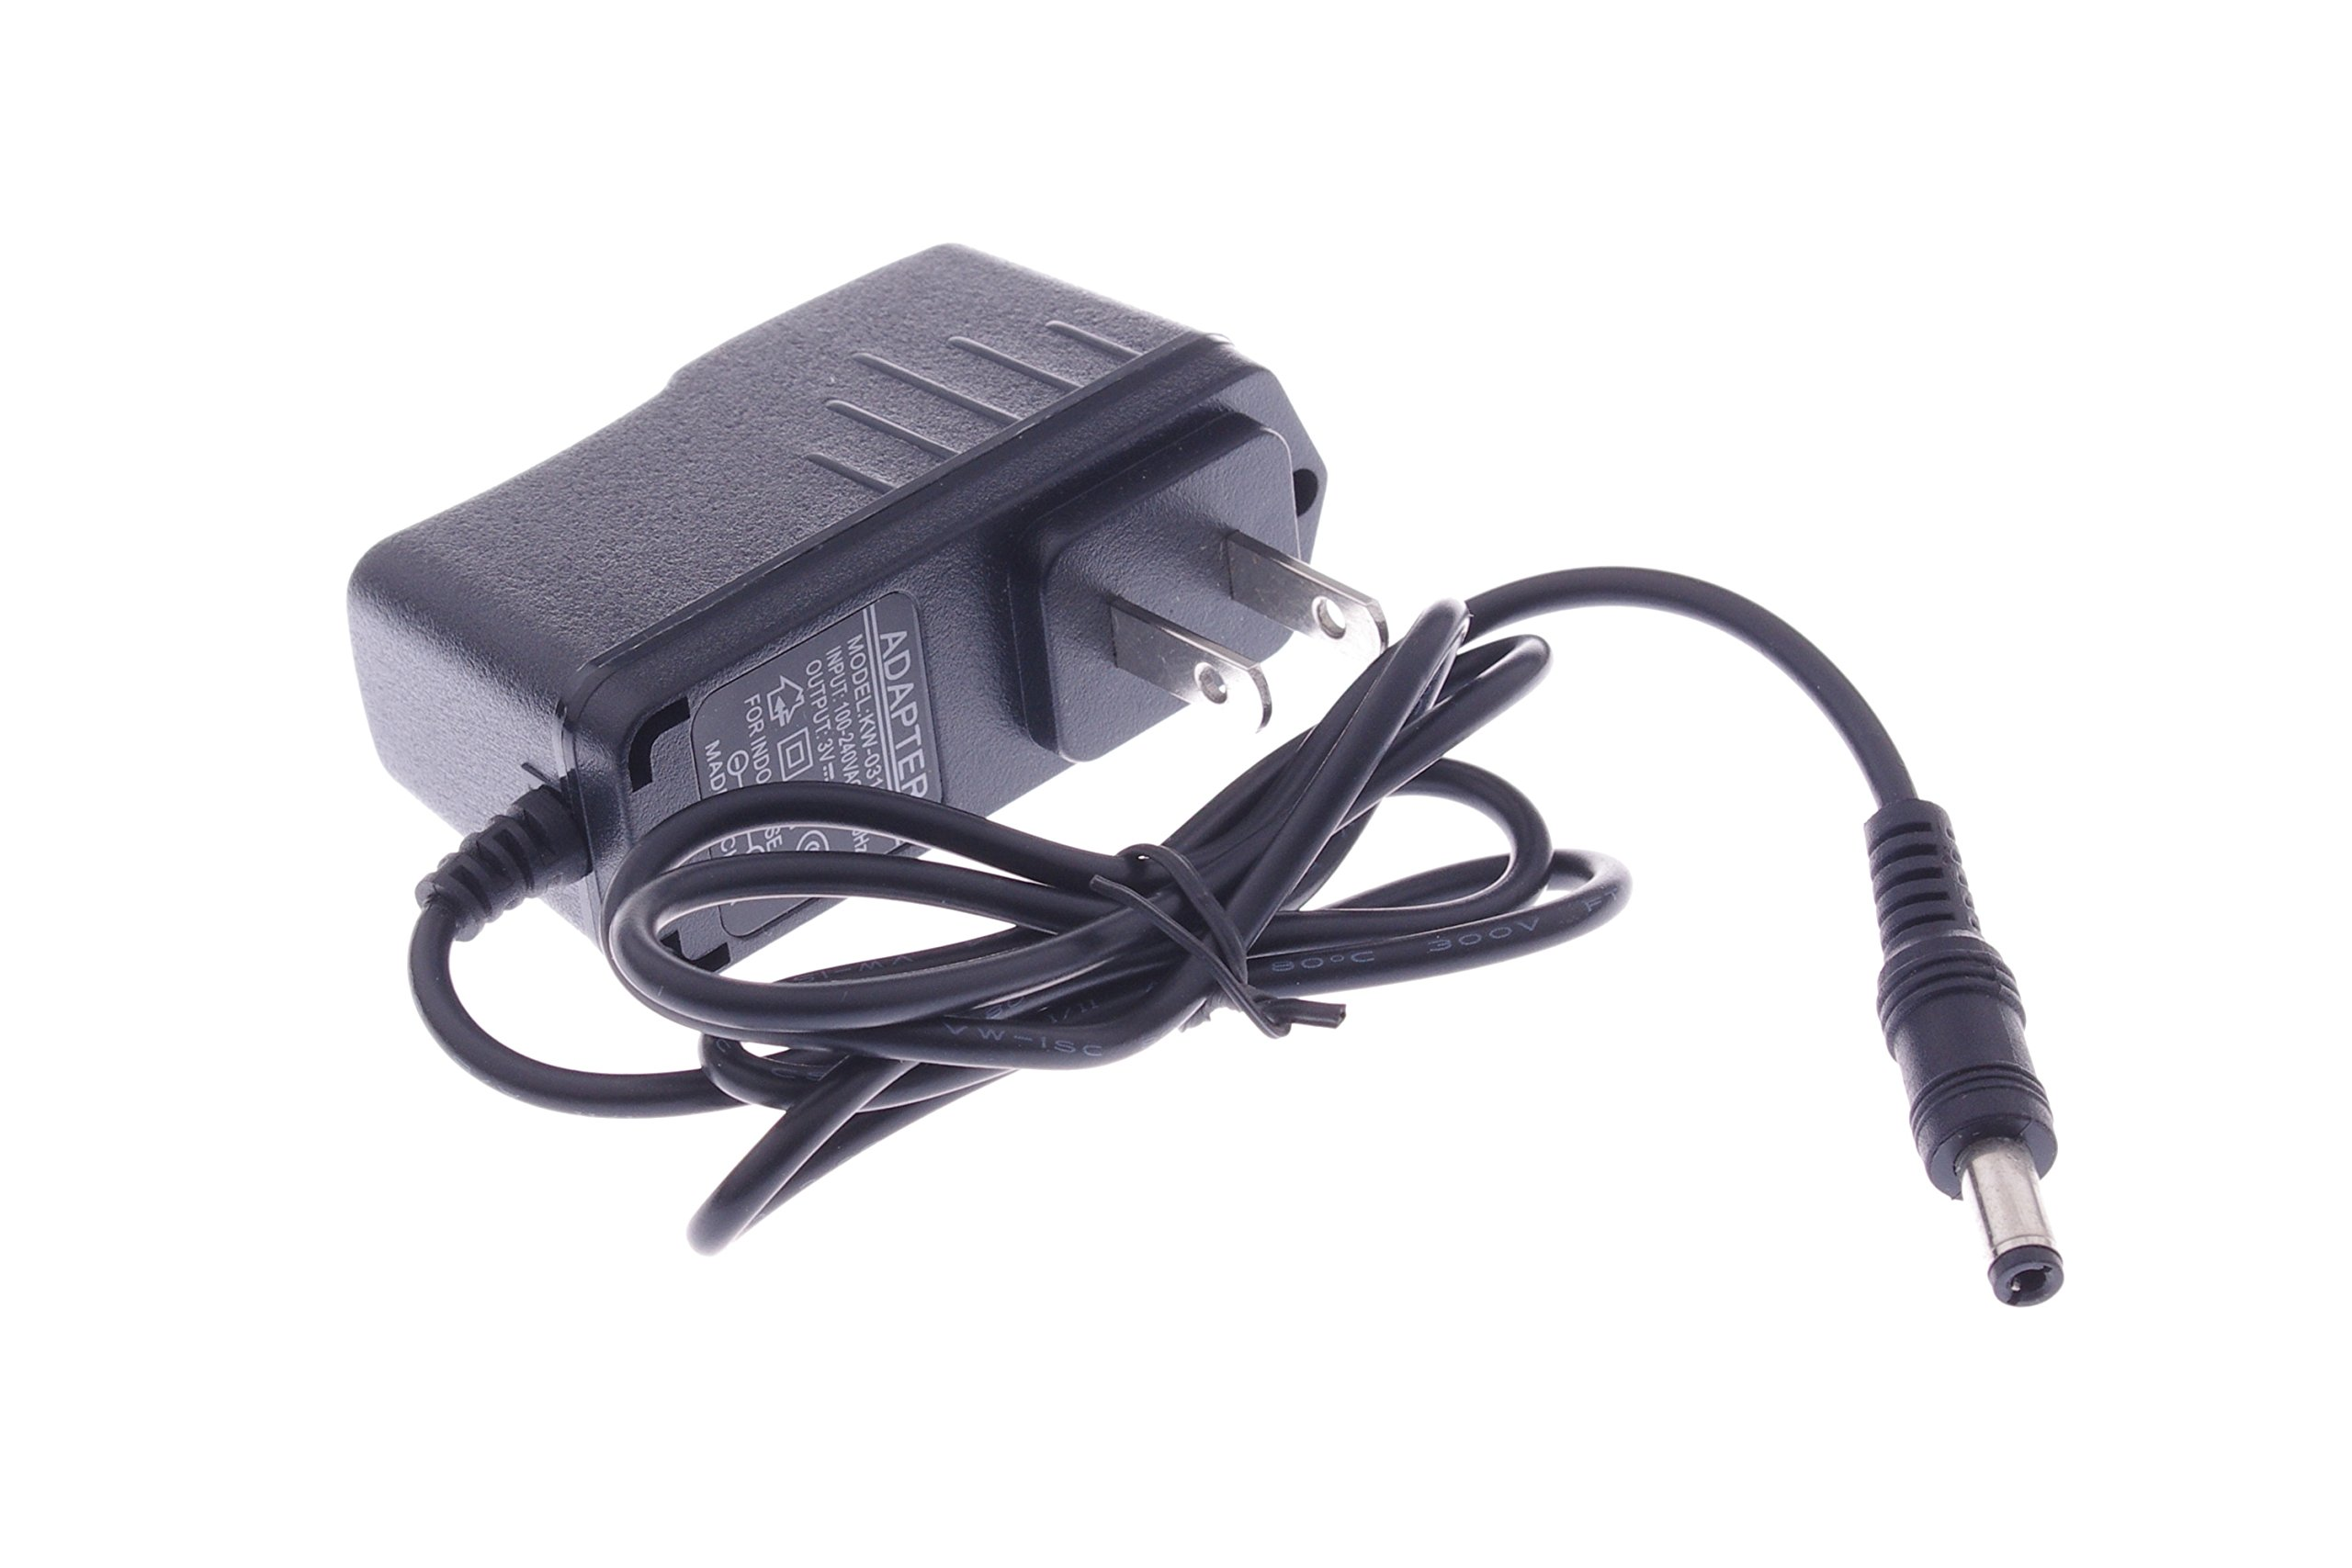 SMAKN/® Premium External Power Supply 3v 1A AC//DC Adapter 5.5mm x 2.5mm Plug Tip